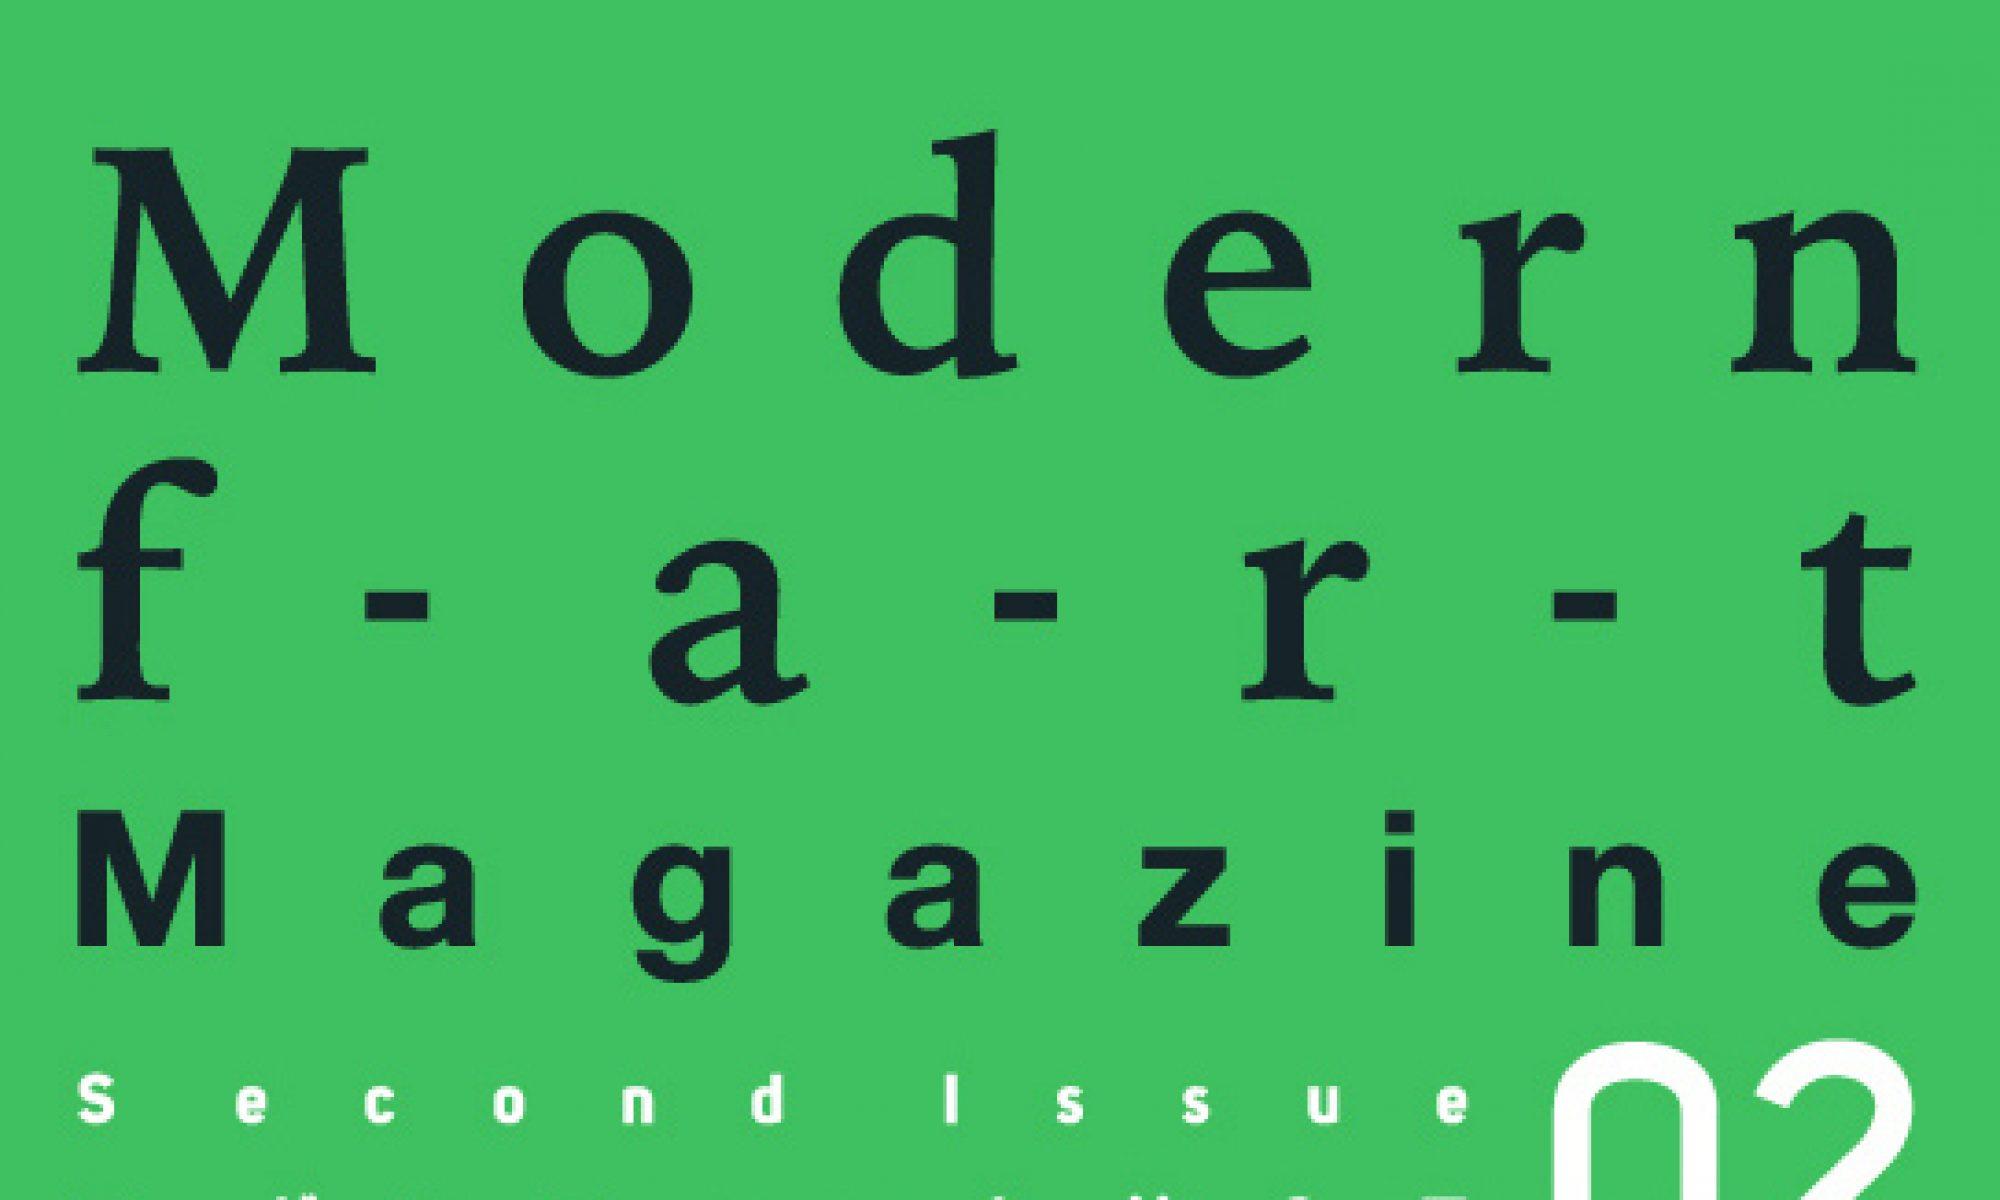 modernfart magazine